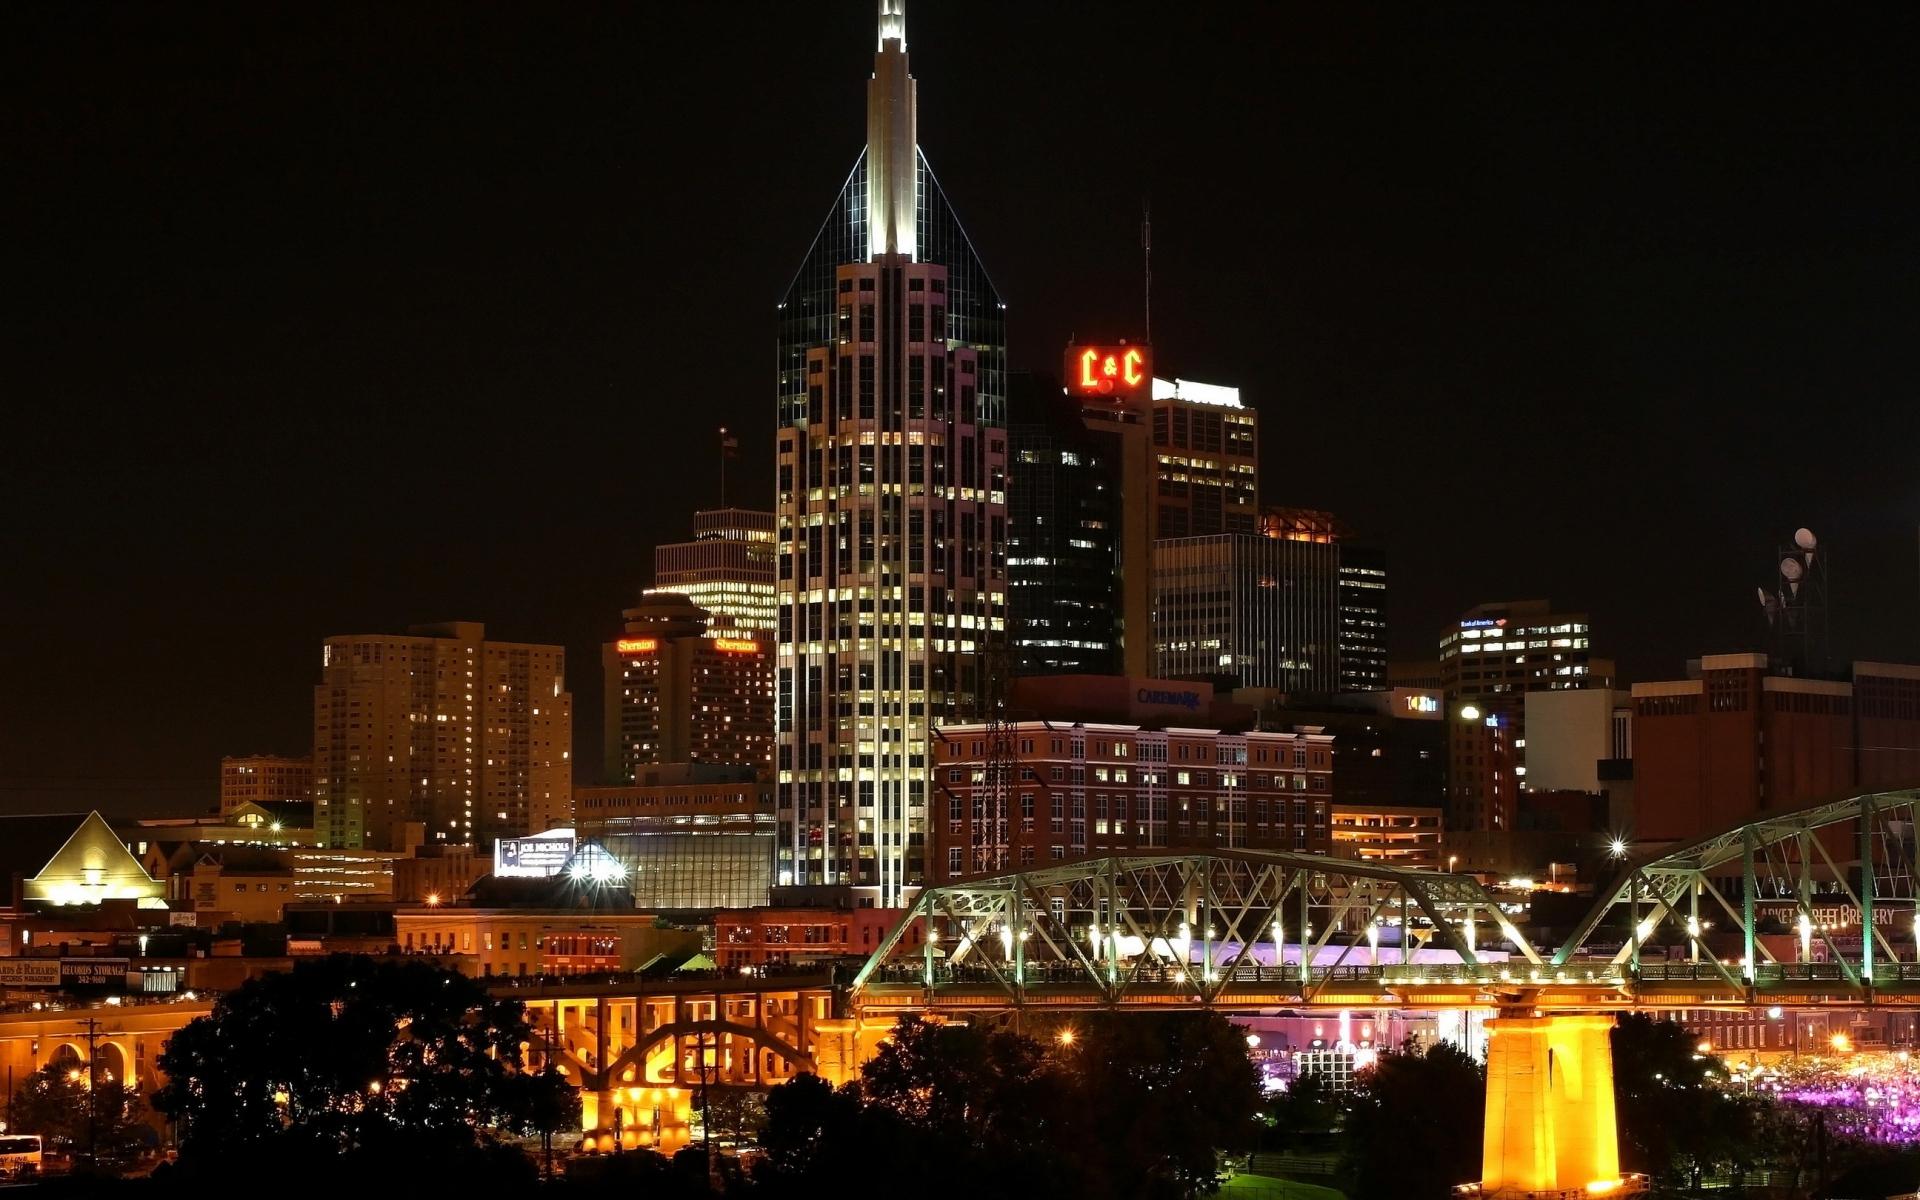 Картинки города, США, Nashville Теннеси, ночь, город, здания, небоскребы, огни, деревья, мосты фото и обои на рабочий стол